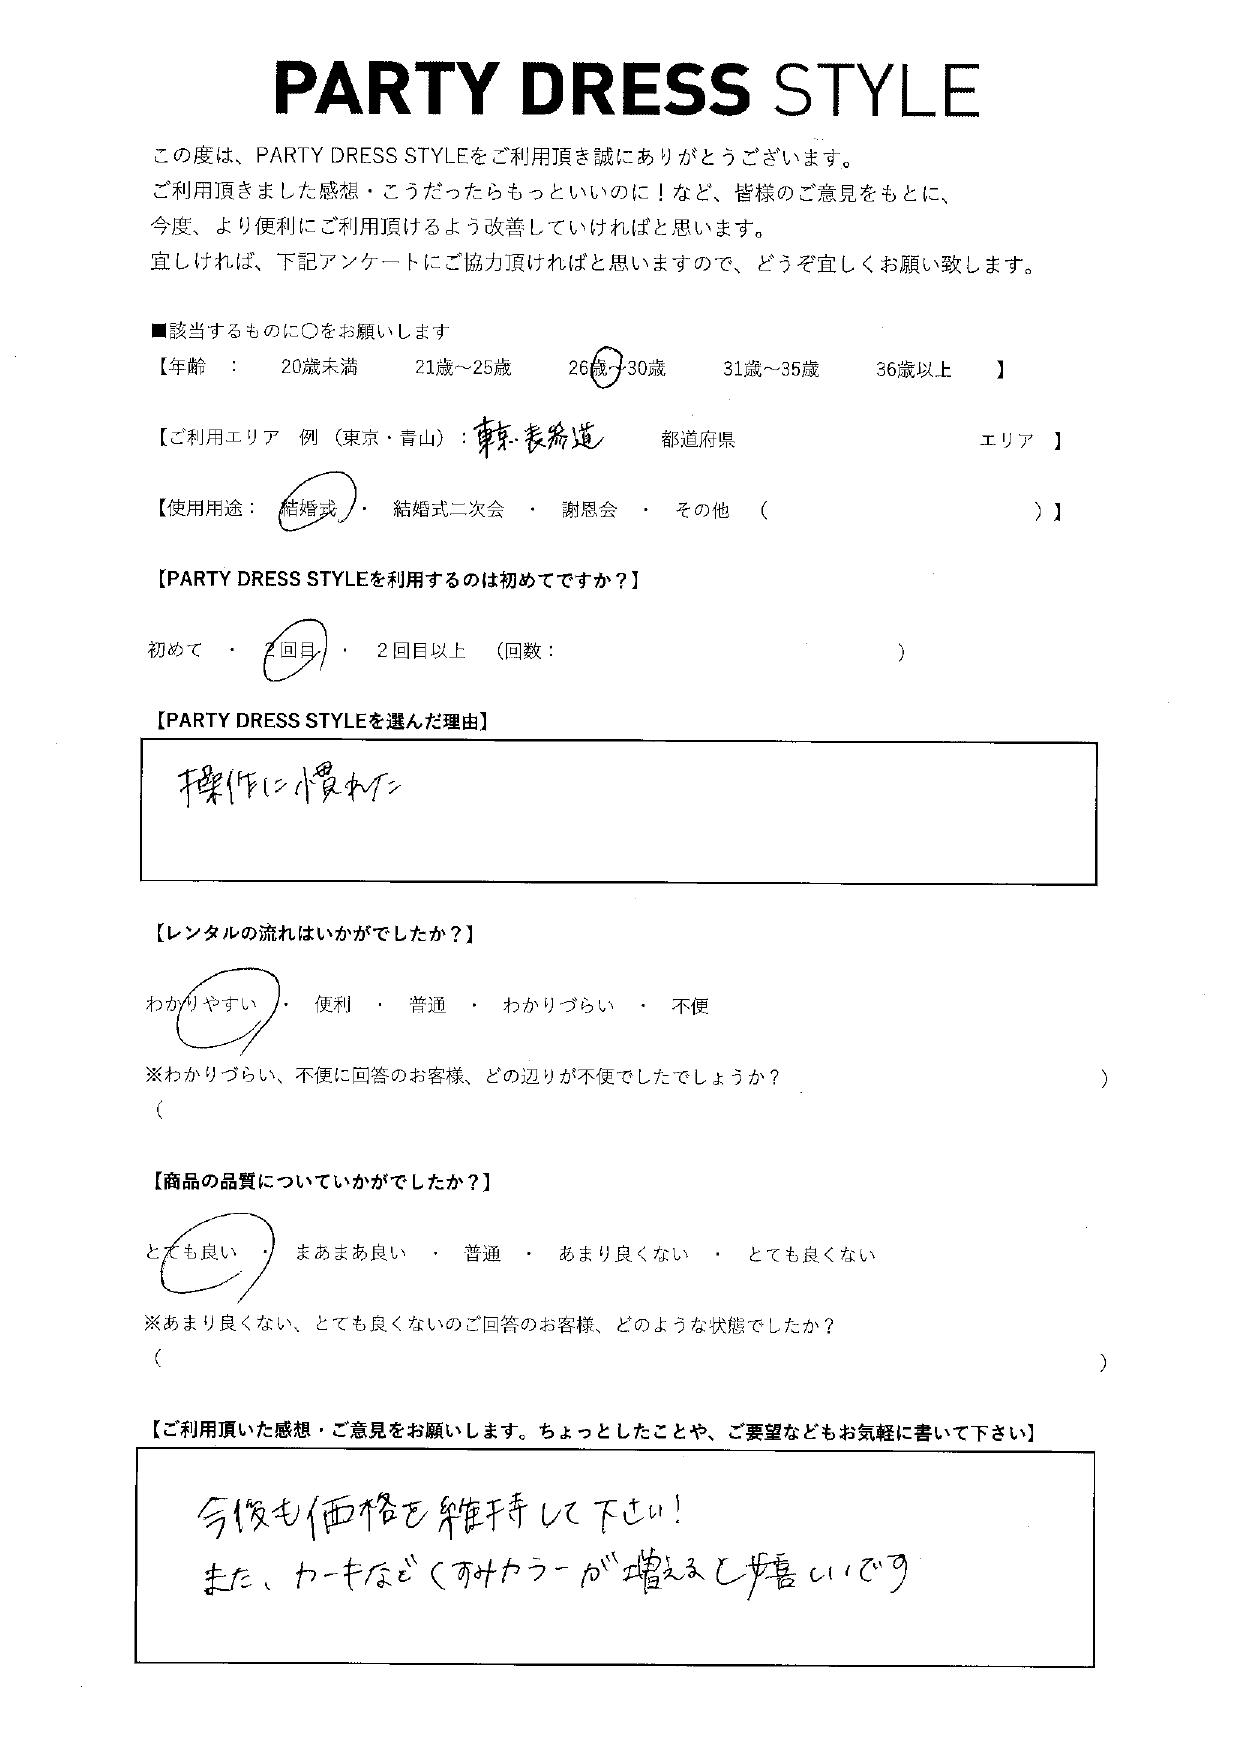 8/28結婚式ご利用 東京・表参道エリア